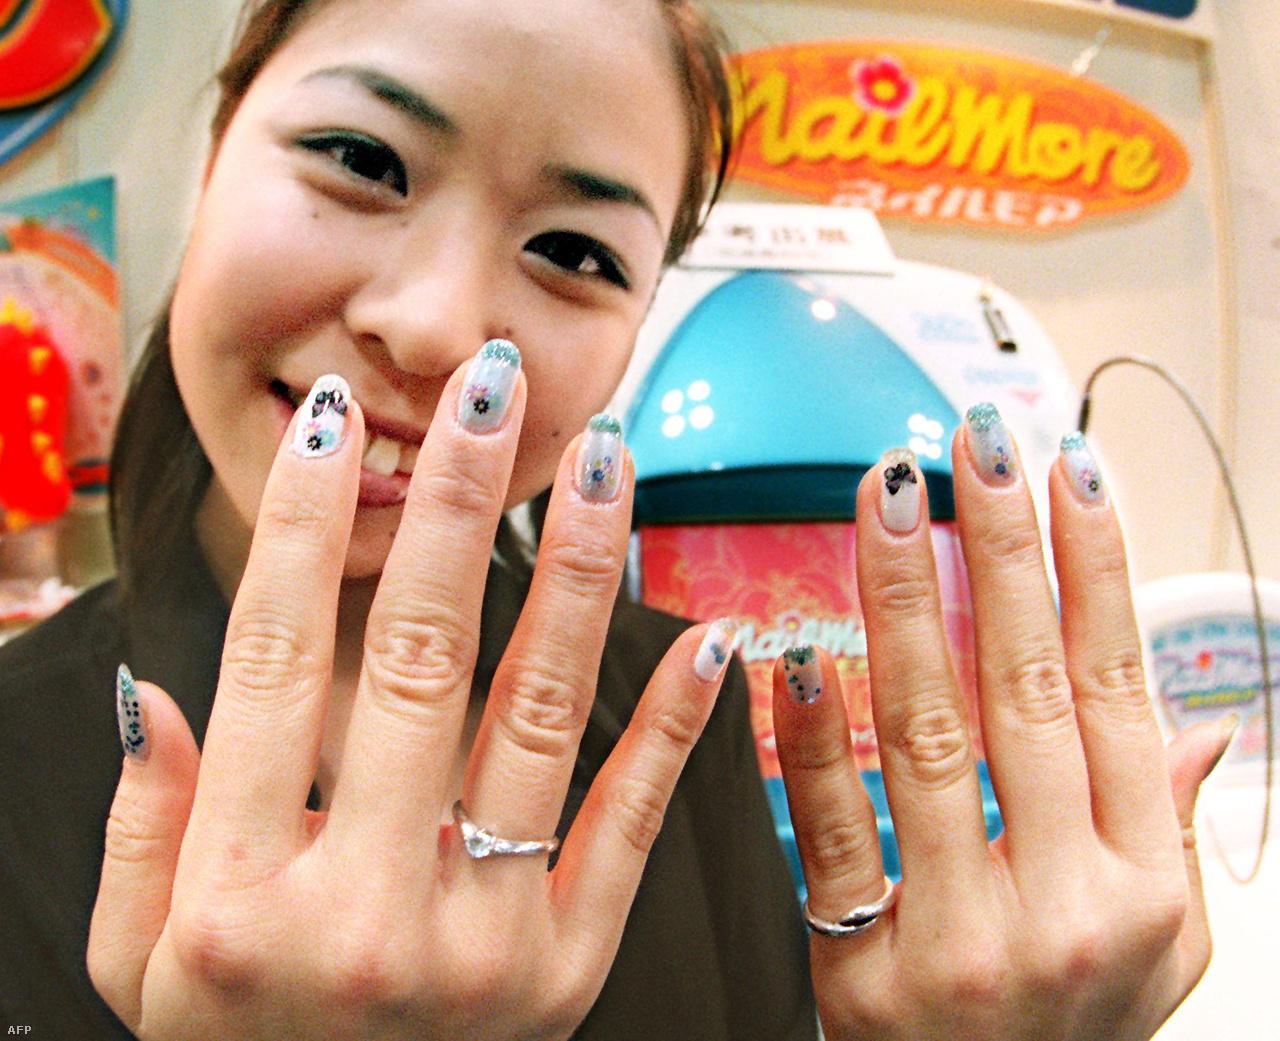 1999-ben mutatták be Tokióban a világ első automatikus manikűrprinterét, a Nail More-t, amivel tetszőleges képet, mintát lehet a körömre lakkozni. (A gép maga a háttérben látható.)